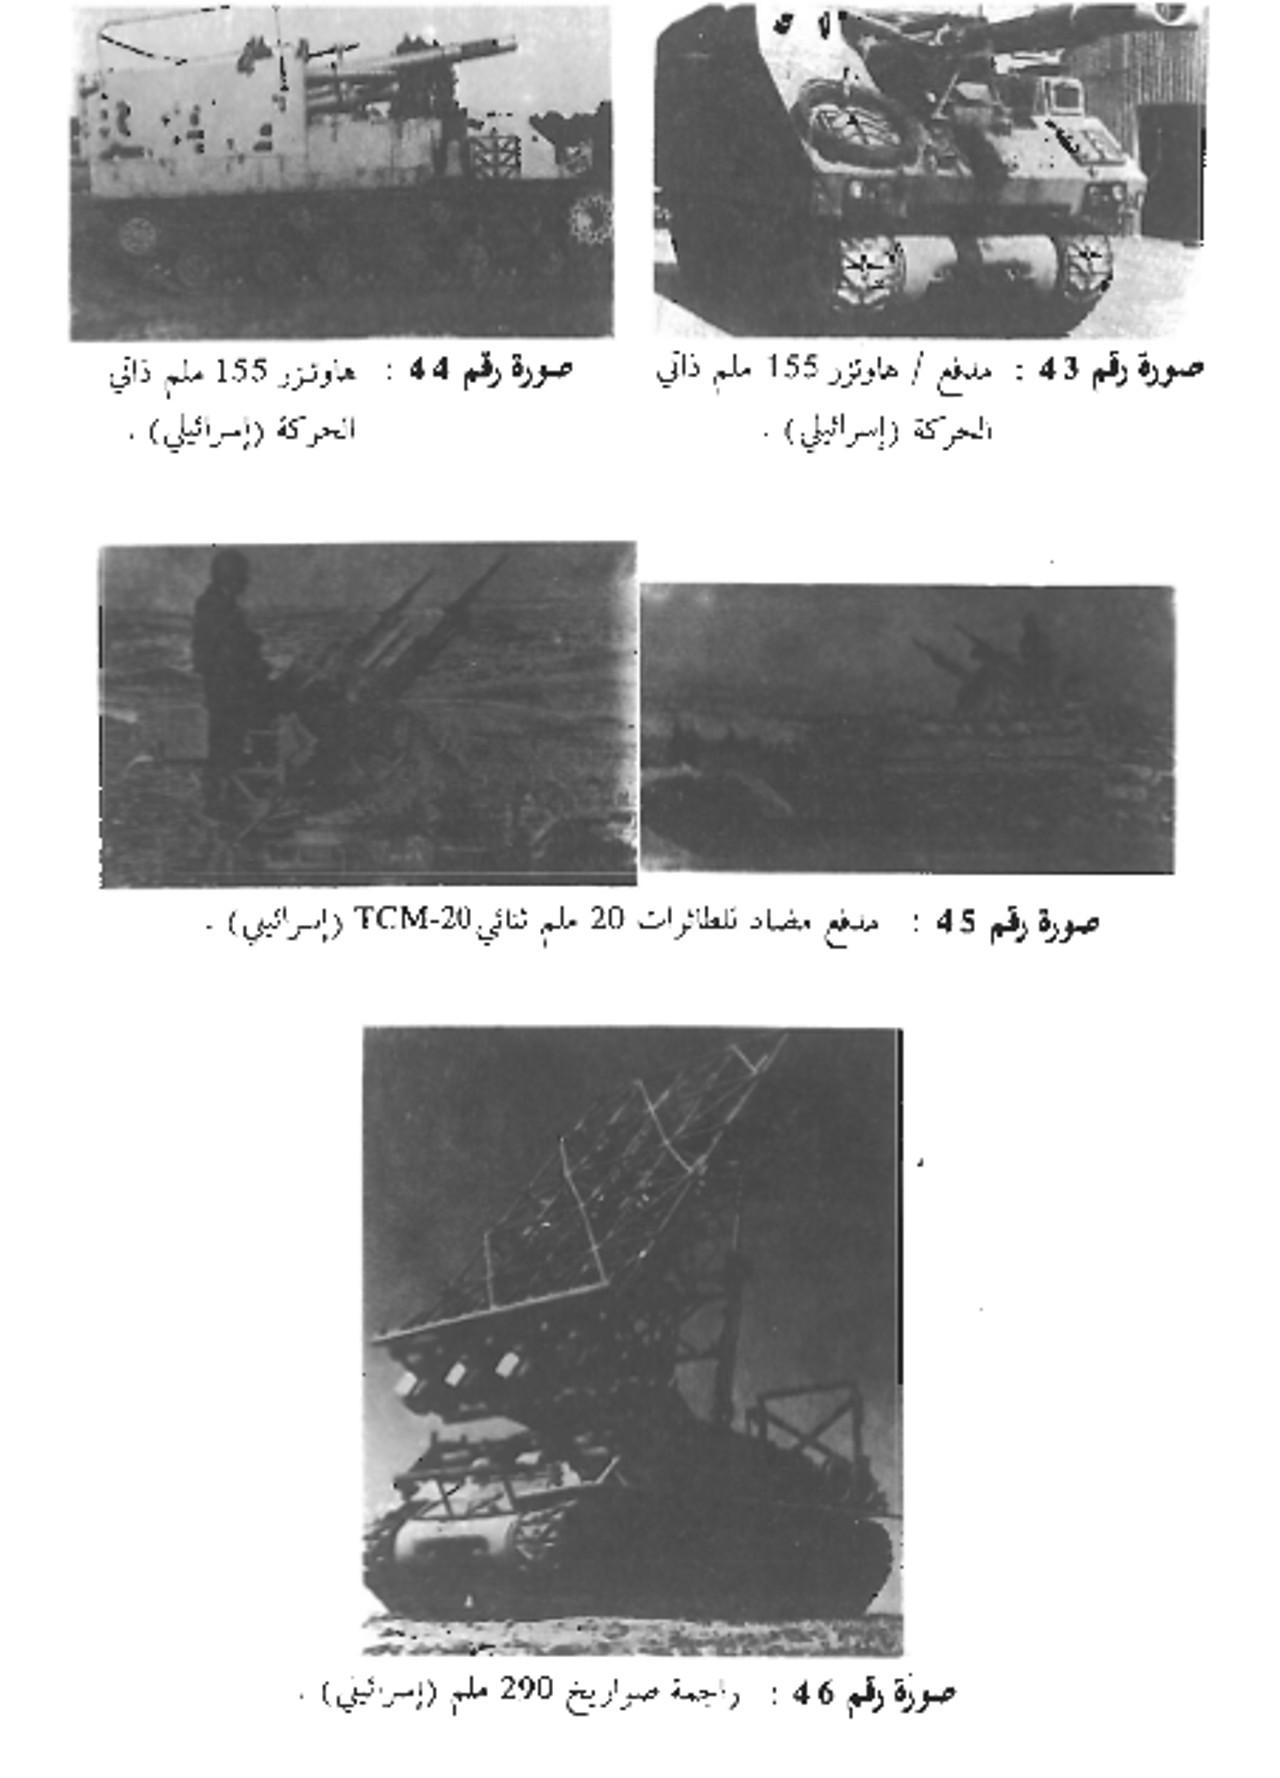 صورة لمعدات عسكرية تصنعها إسرائيل، من مصادر الكتاب